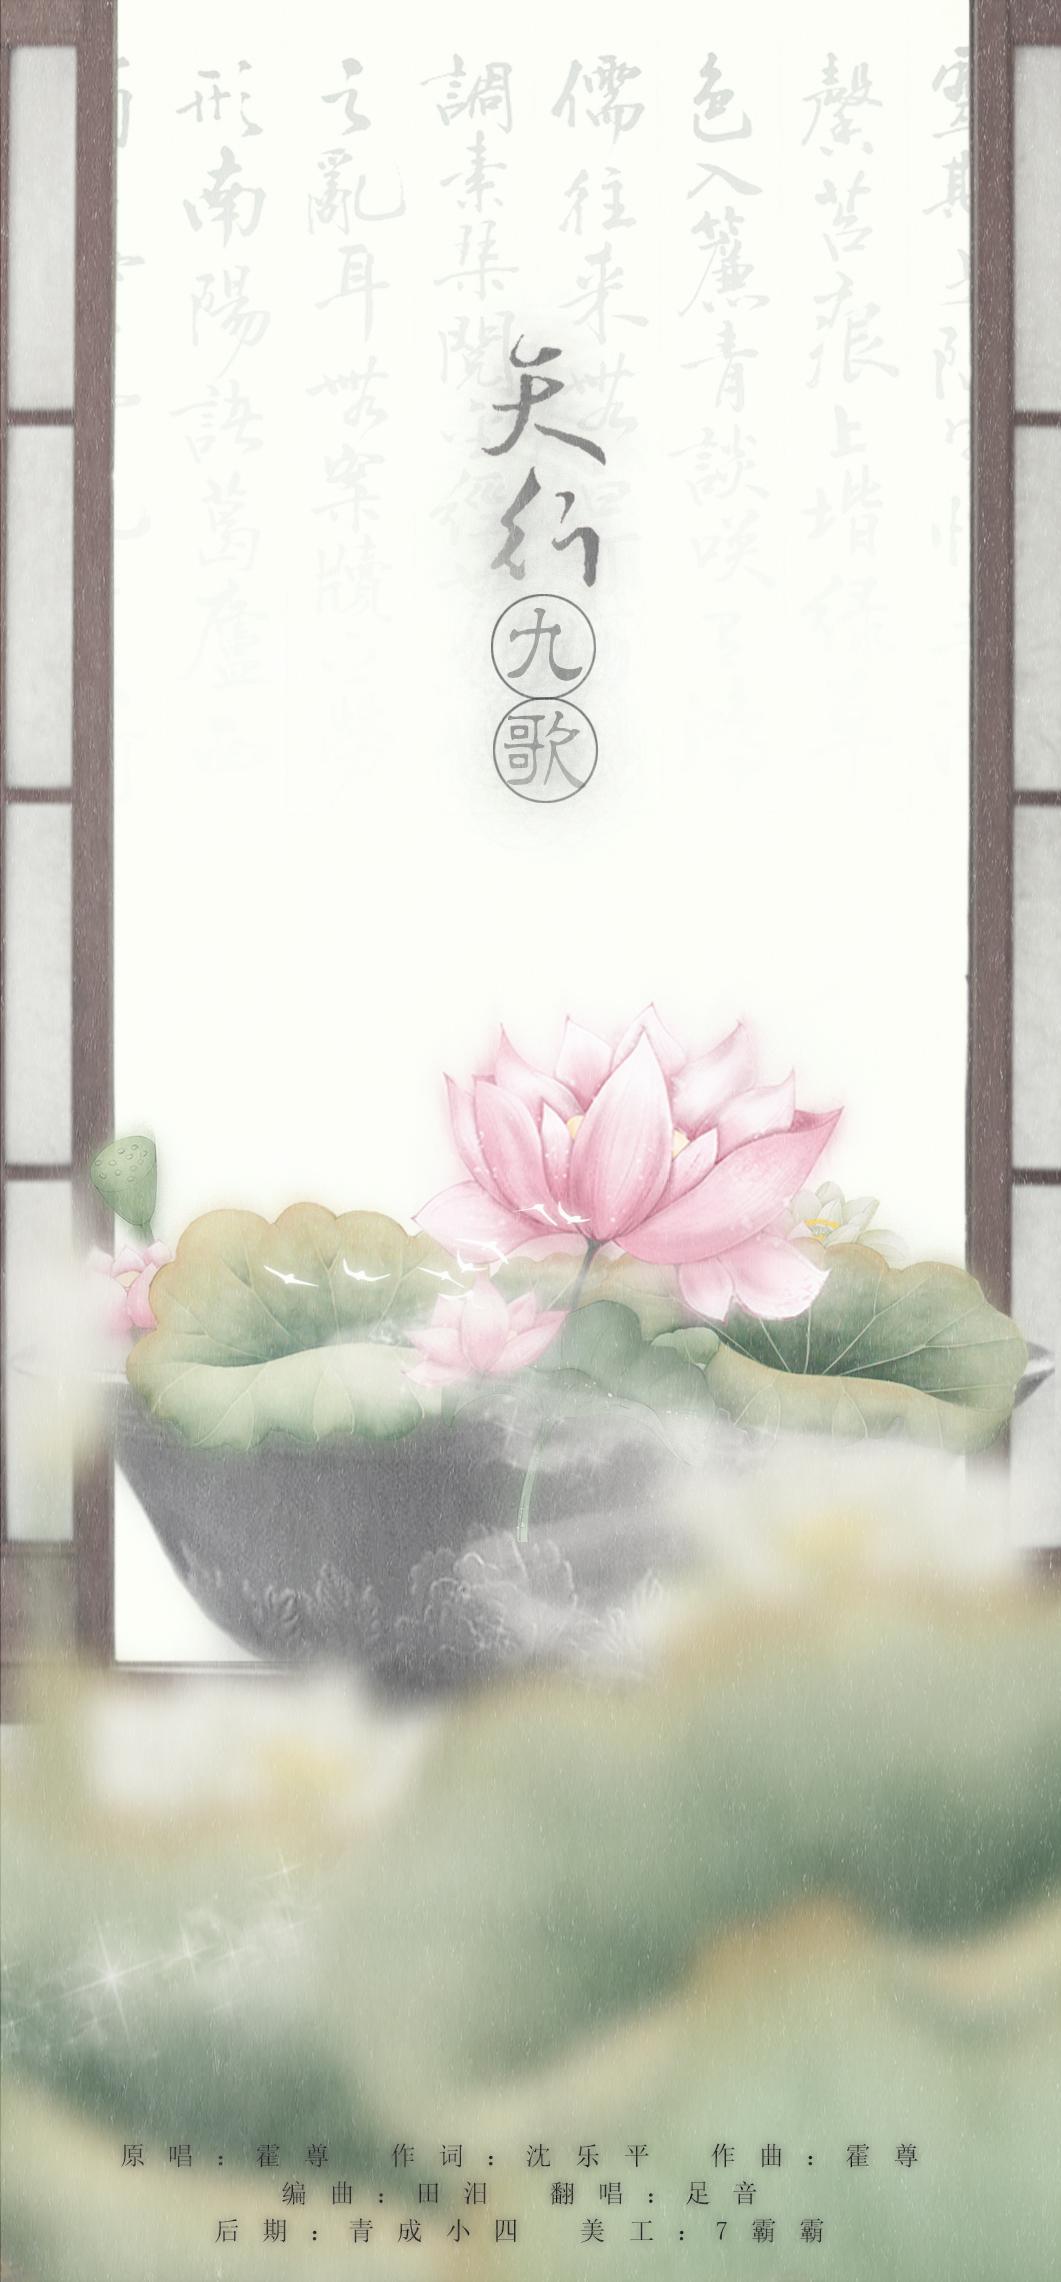 天行九歌 Cover 霍尊